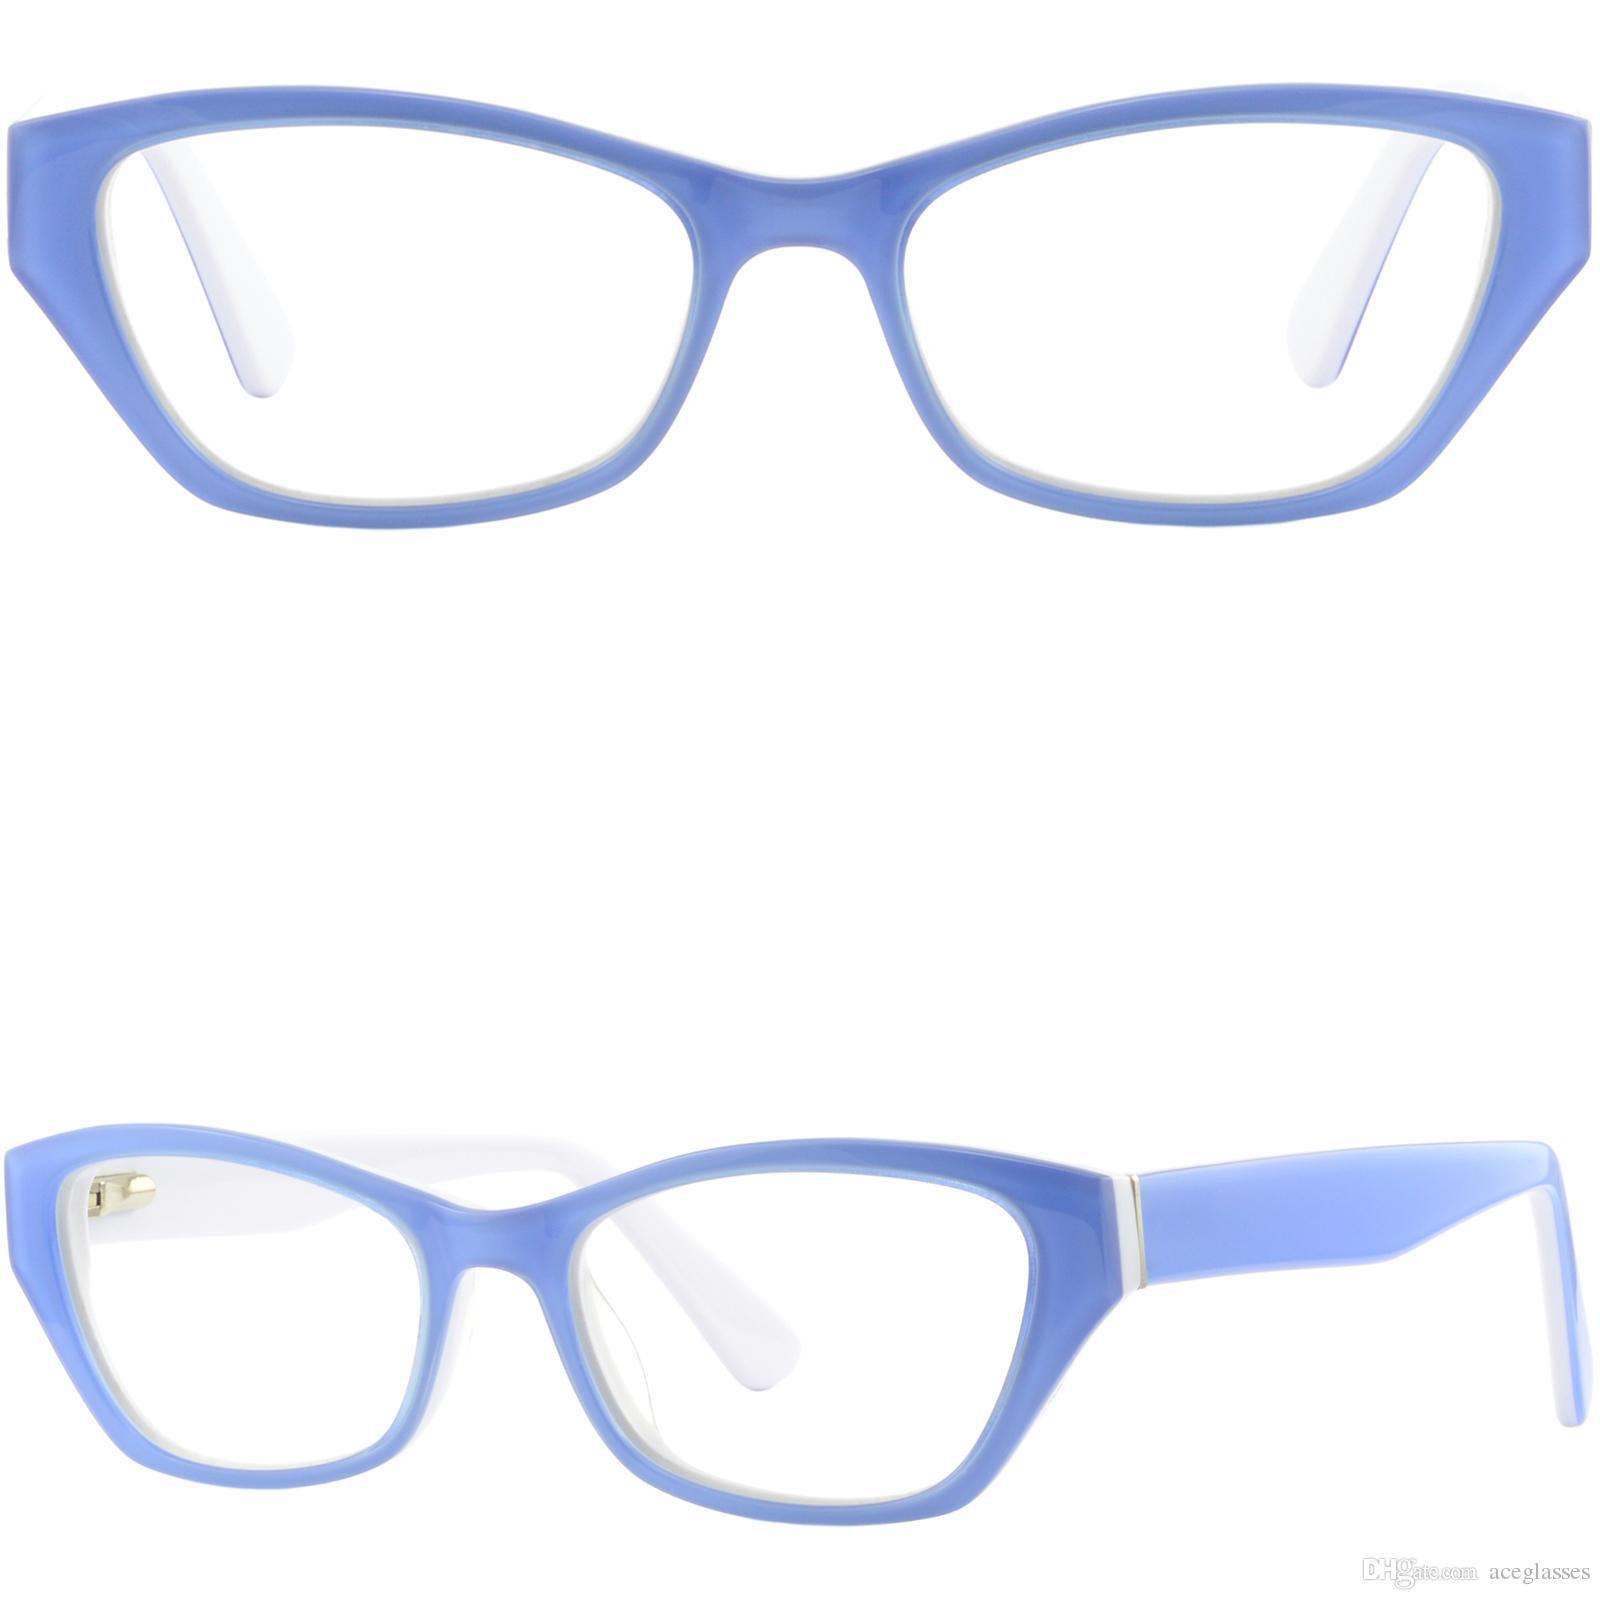 a727e28e8c Compre Cateye Womens Acetate Plastic Frames Gafas Graduadas Azul Cielo  Bisagras De Resorte A $30.41 Del Aceglasses | DHgate.Com